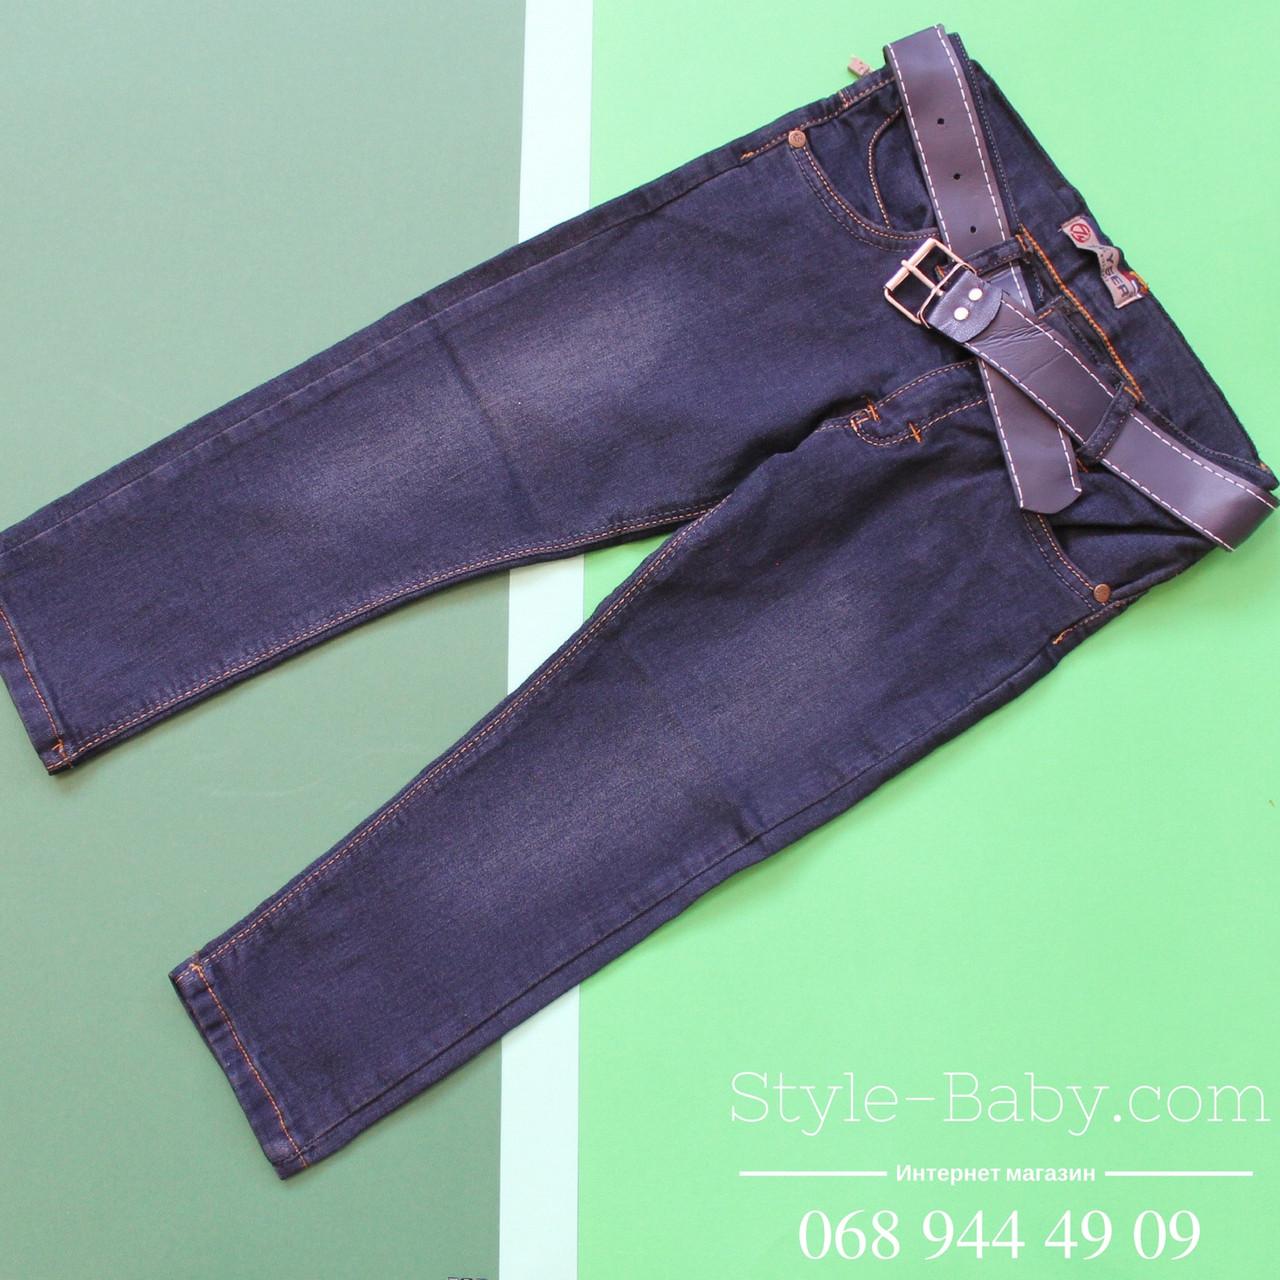 Стильные джинсы для мальчика Турция р.5-7 - Style-Baby детский магазин в Киеве